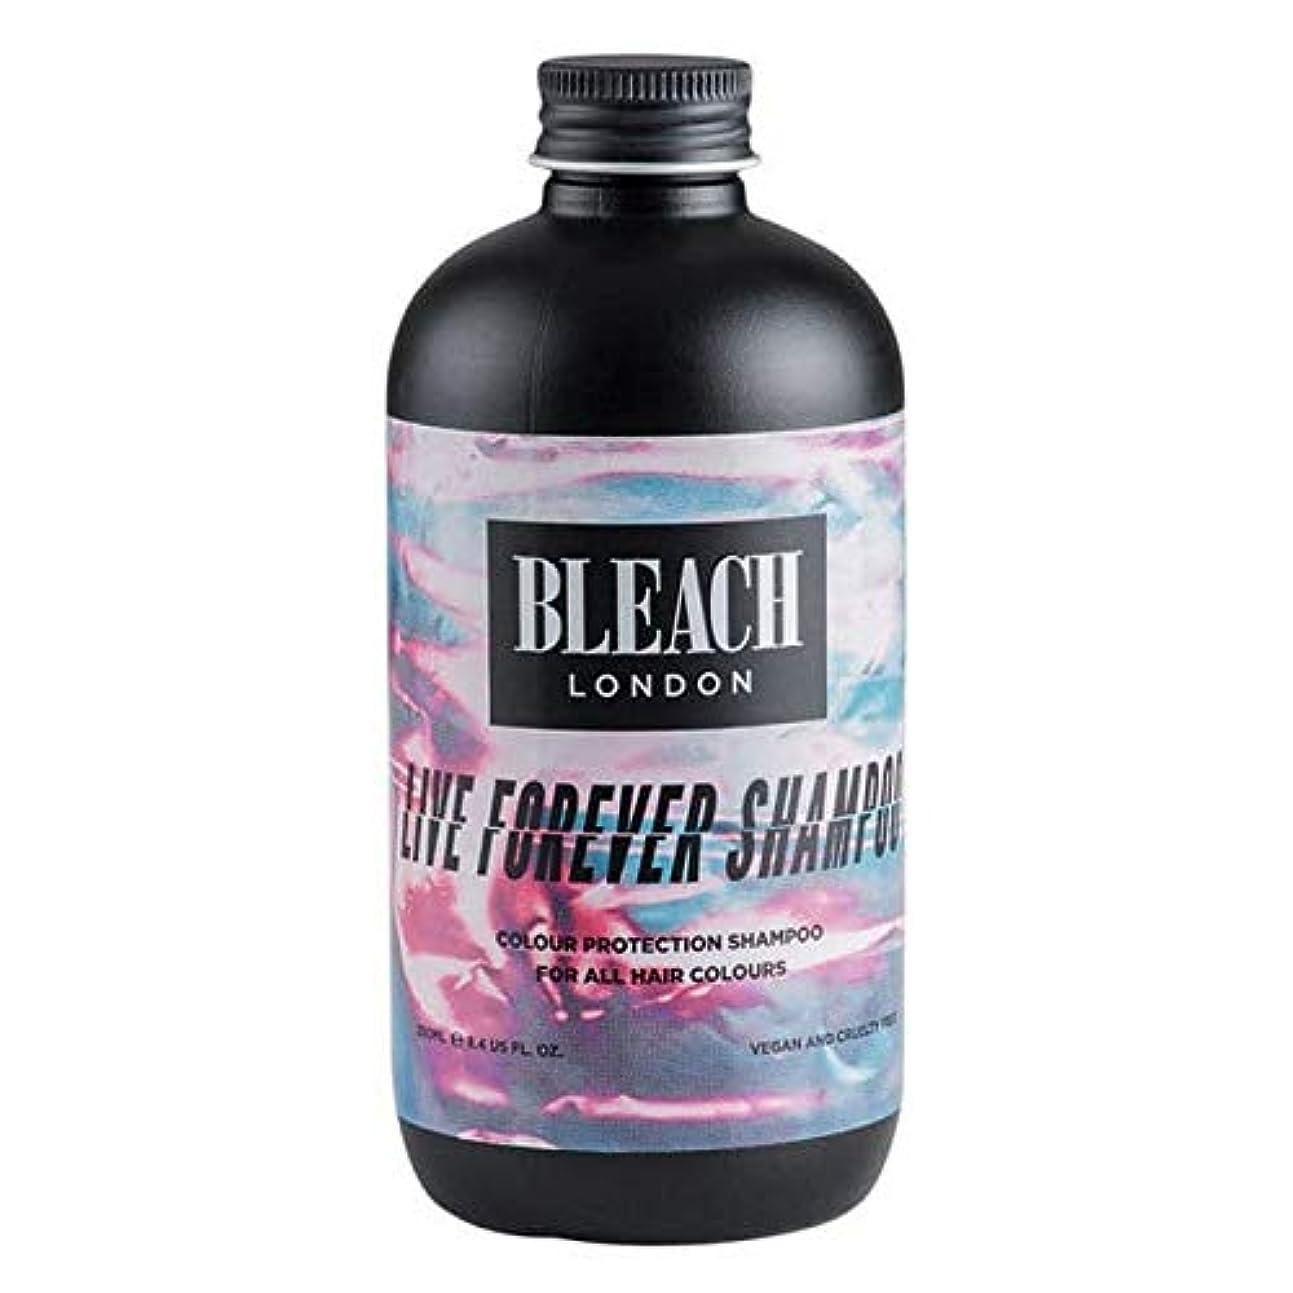 サーバント急性許可[Bleach London ] 漂白ロンドン永遠シャンプー250ミリリットルを生きます - Bleach London Live Forever Shampoo 250ml [並行輸入品]